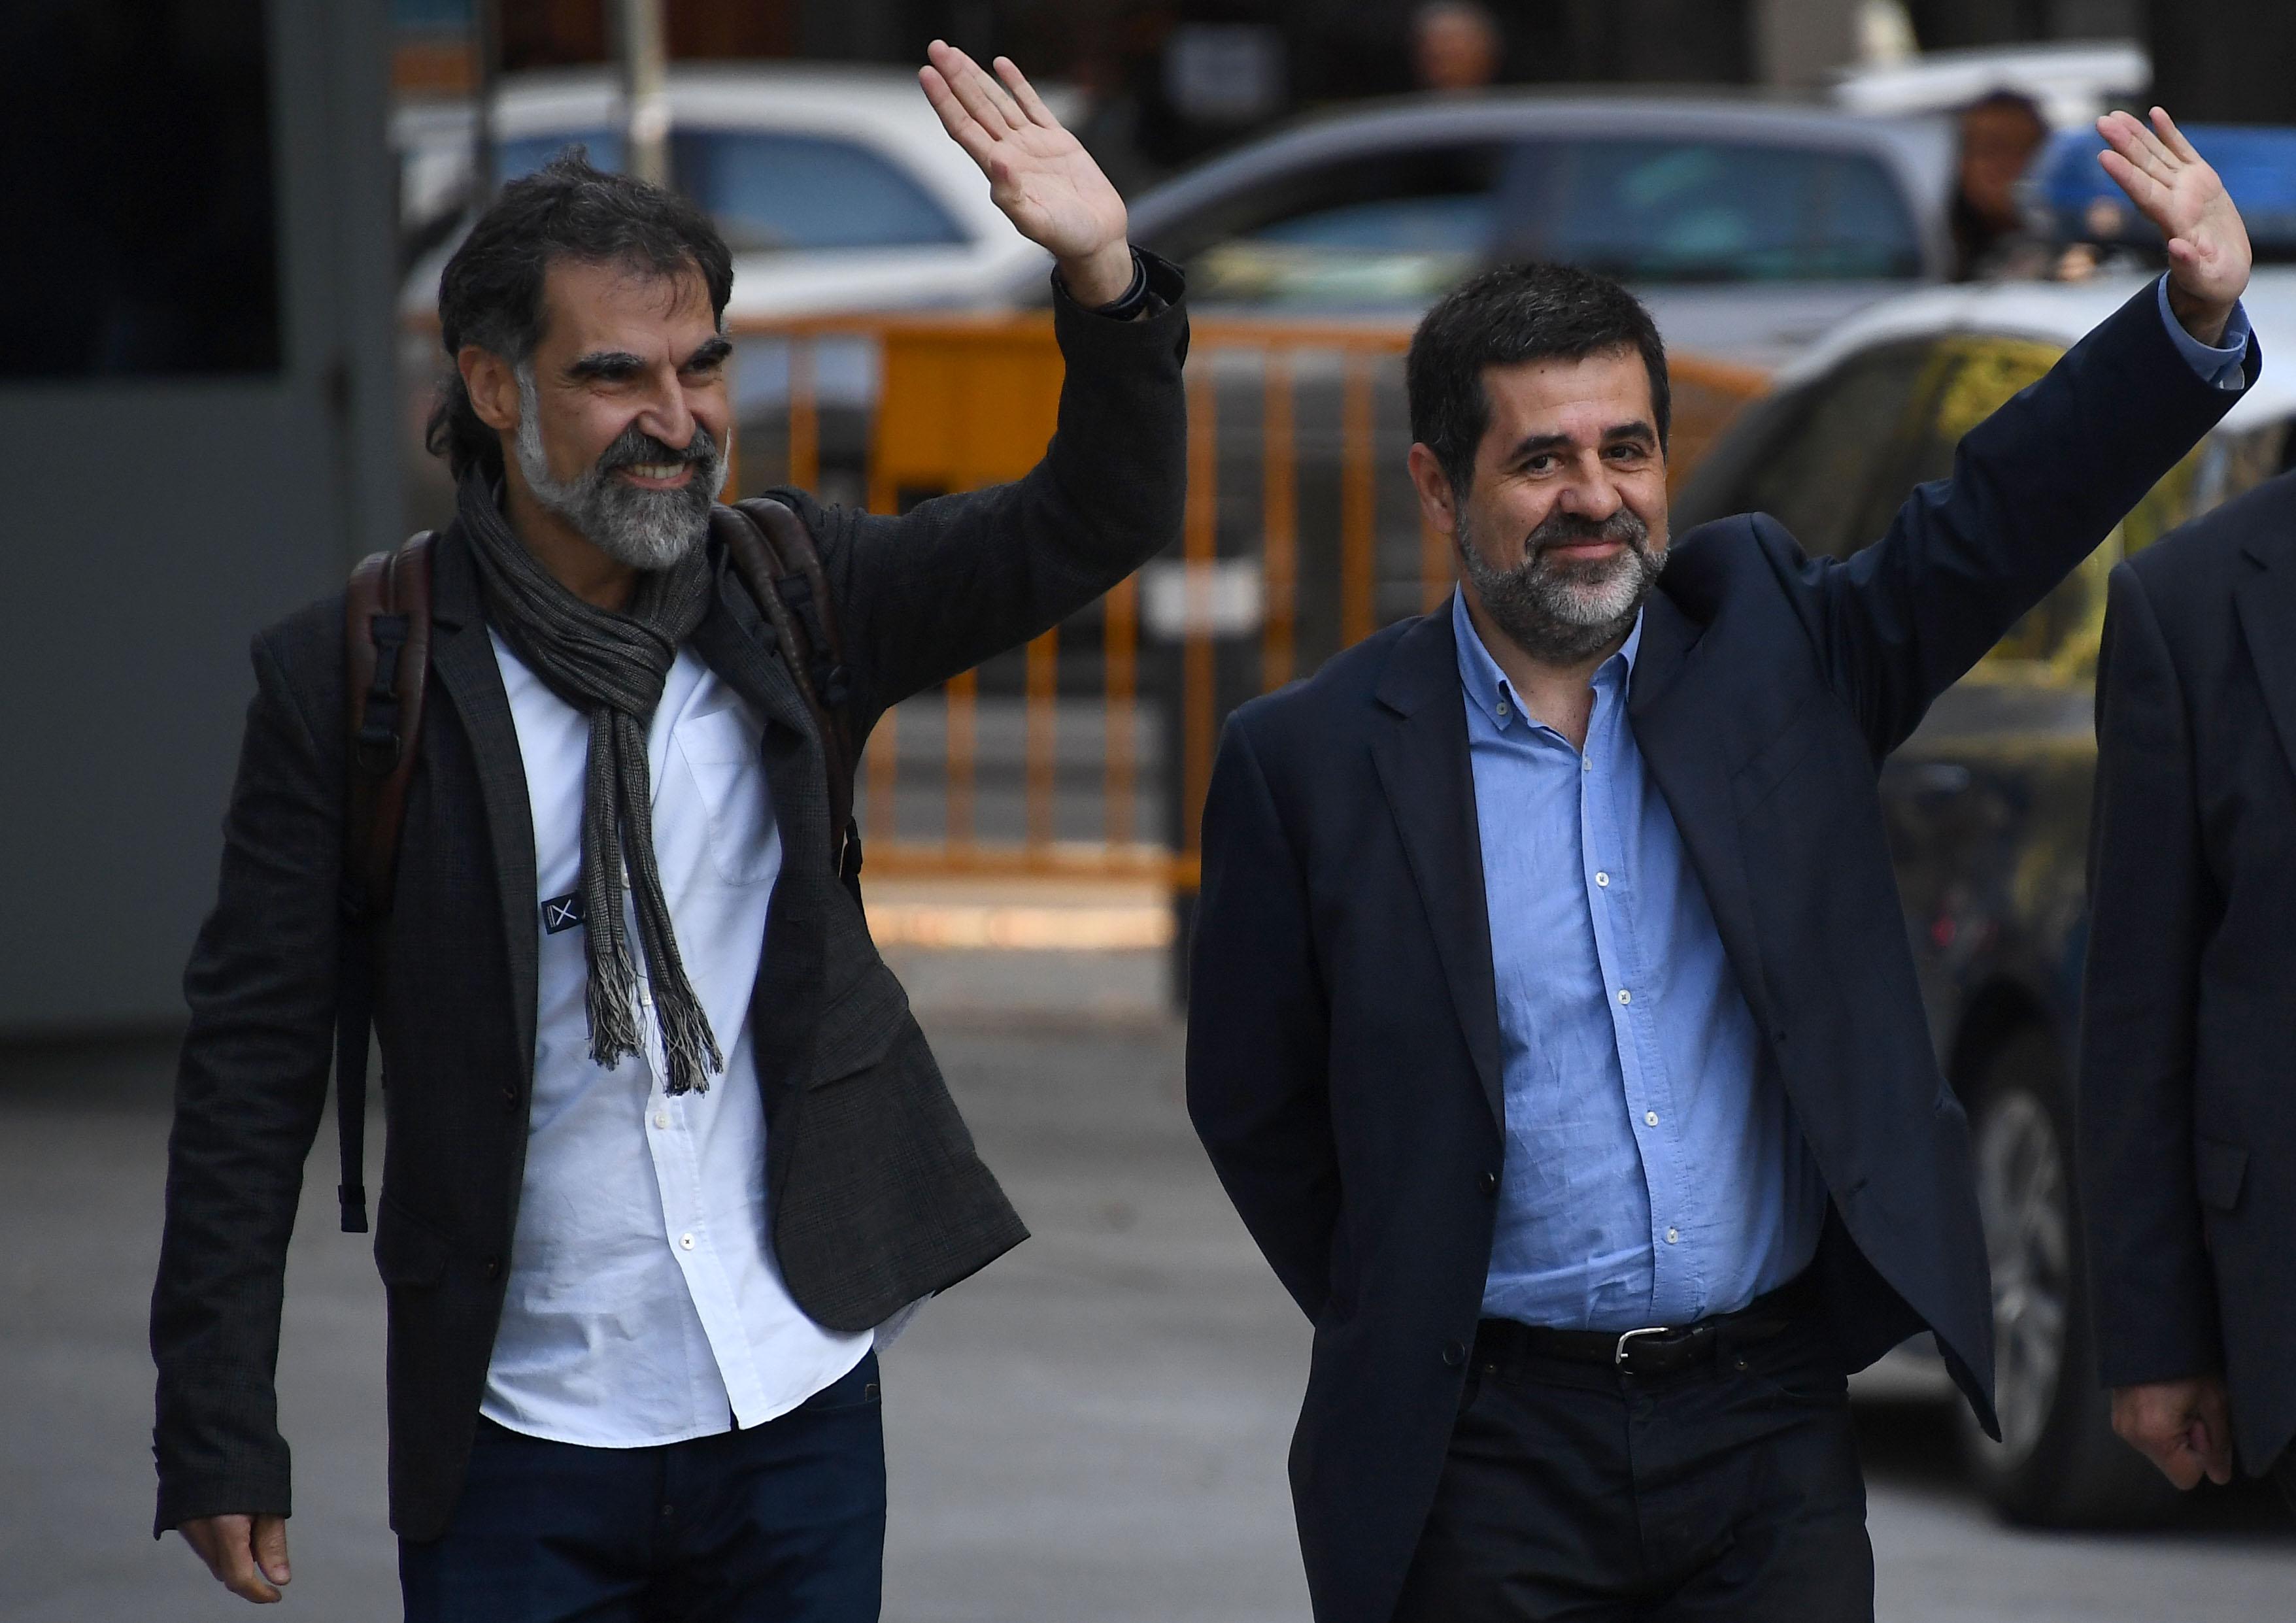 Detenção de dirigentes catalães independentistas é